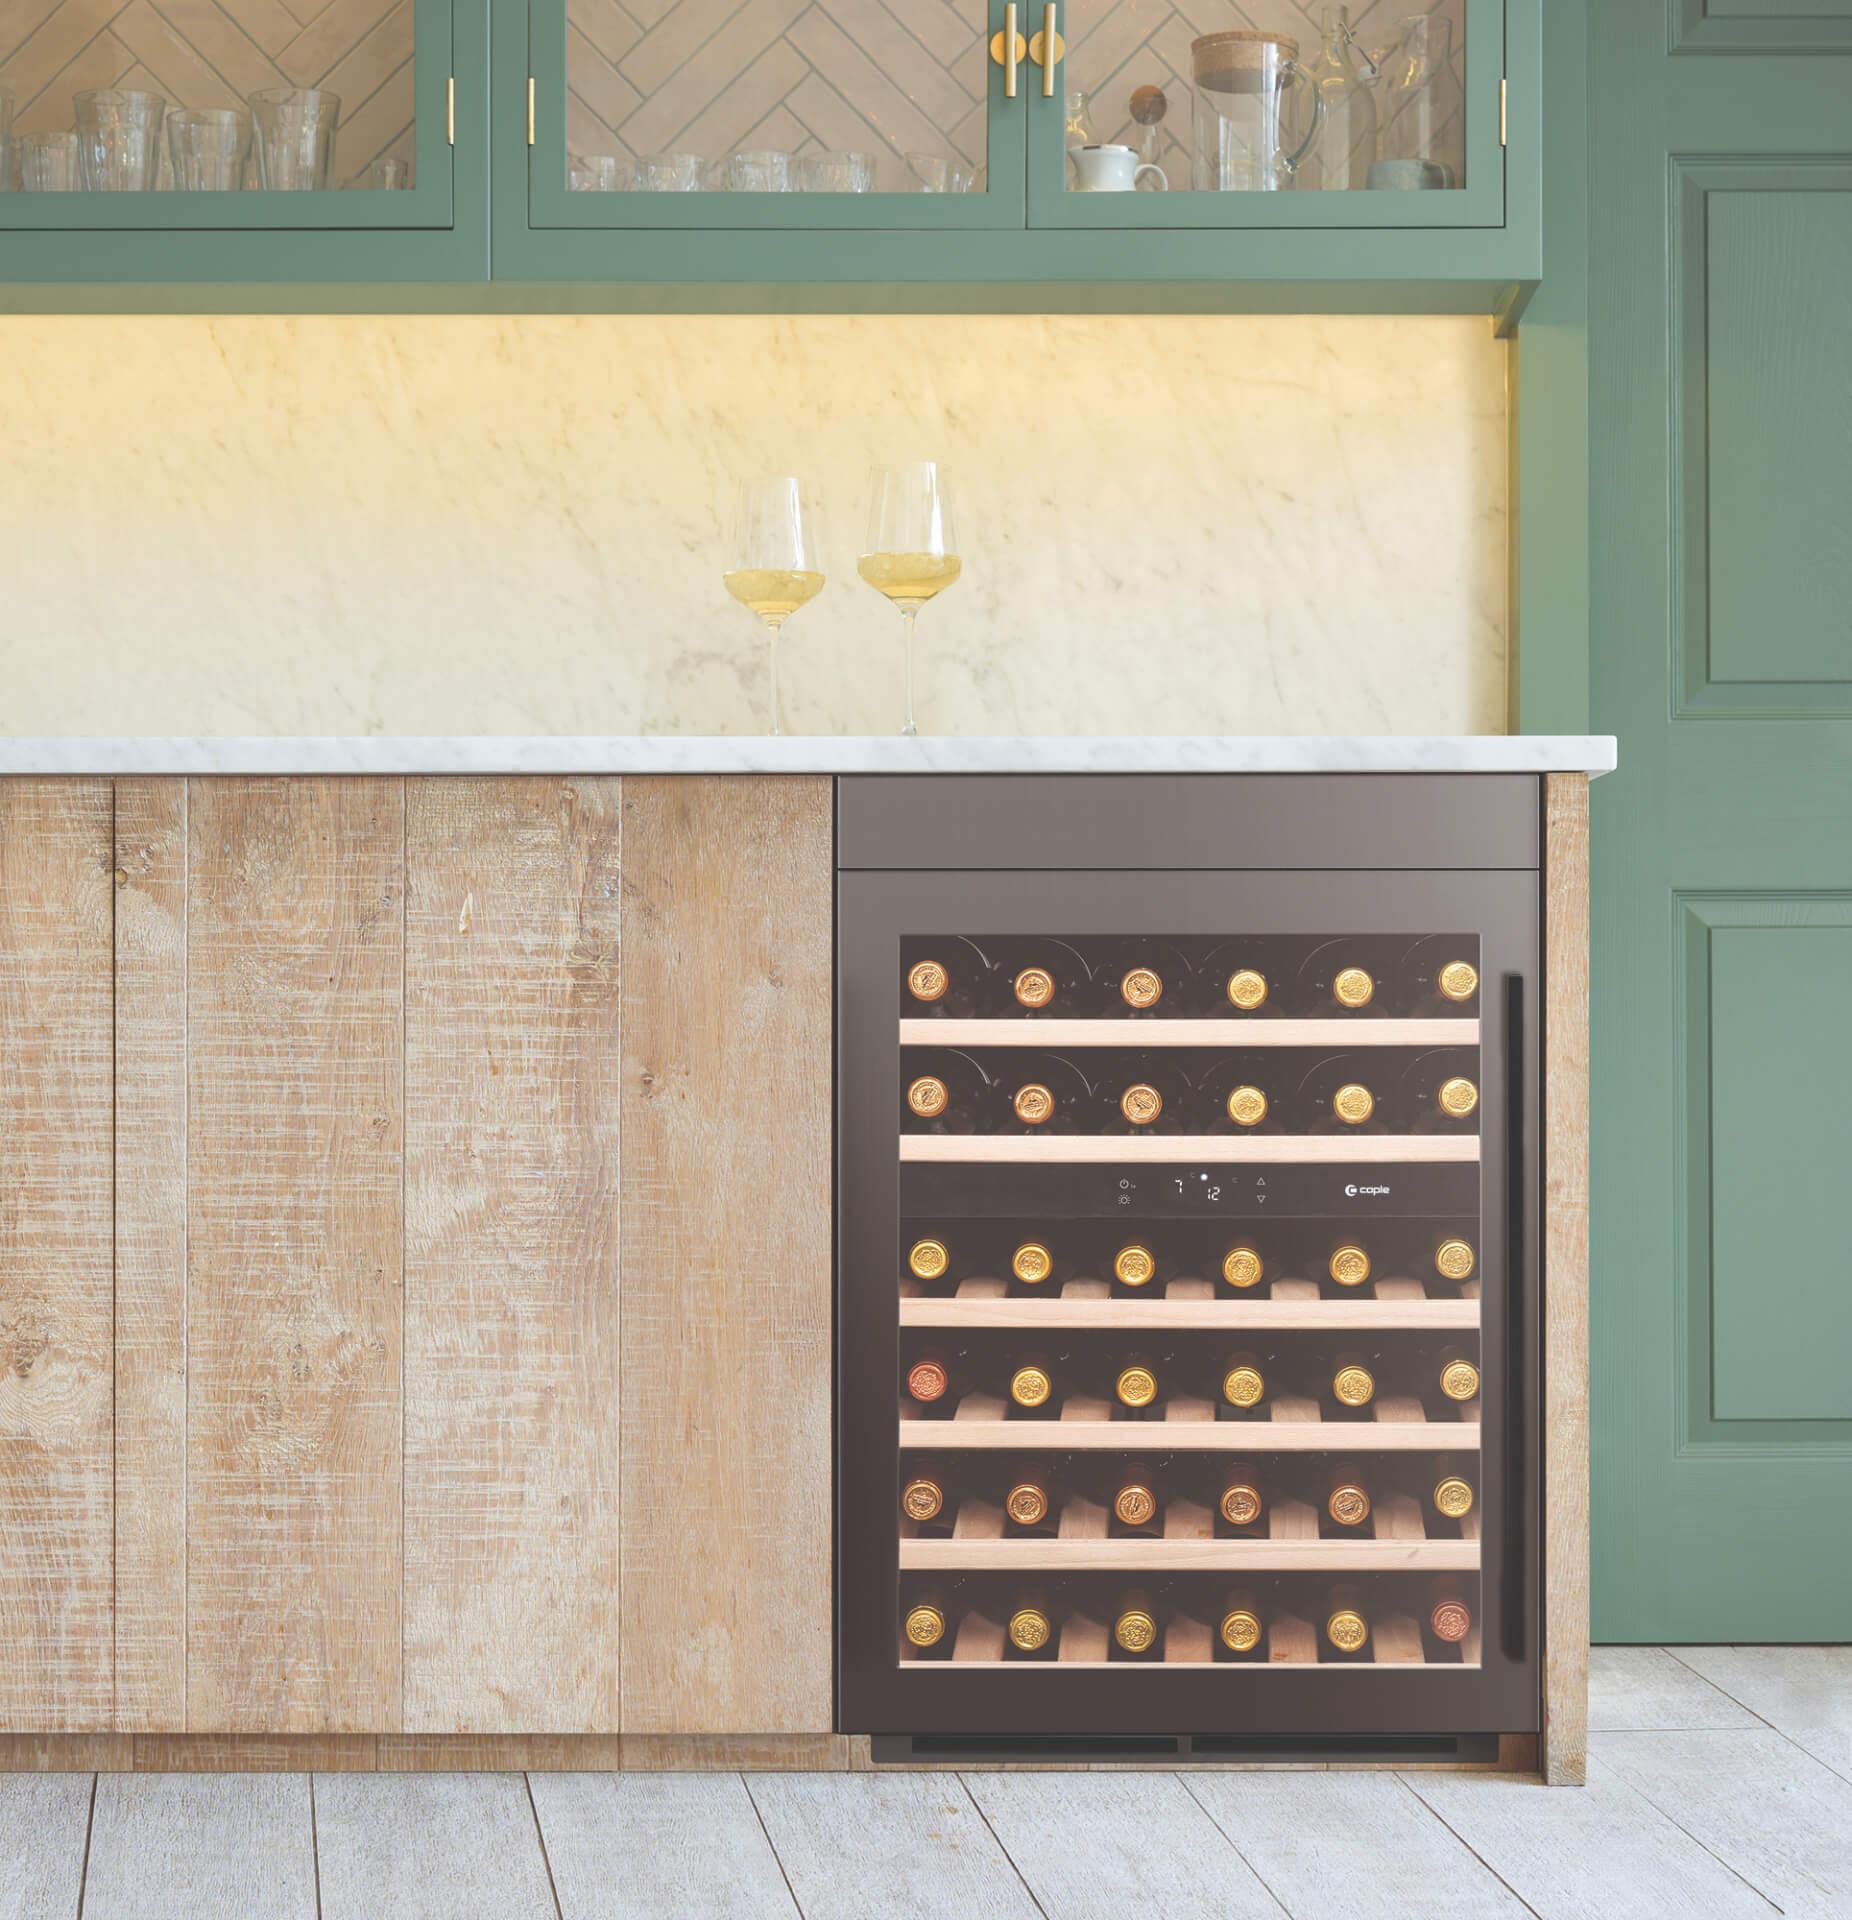 Caple Kitchen Wine Fridge